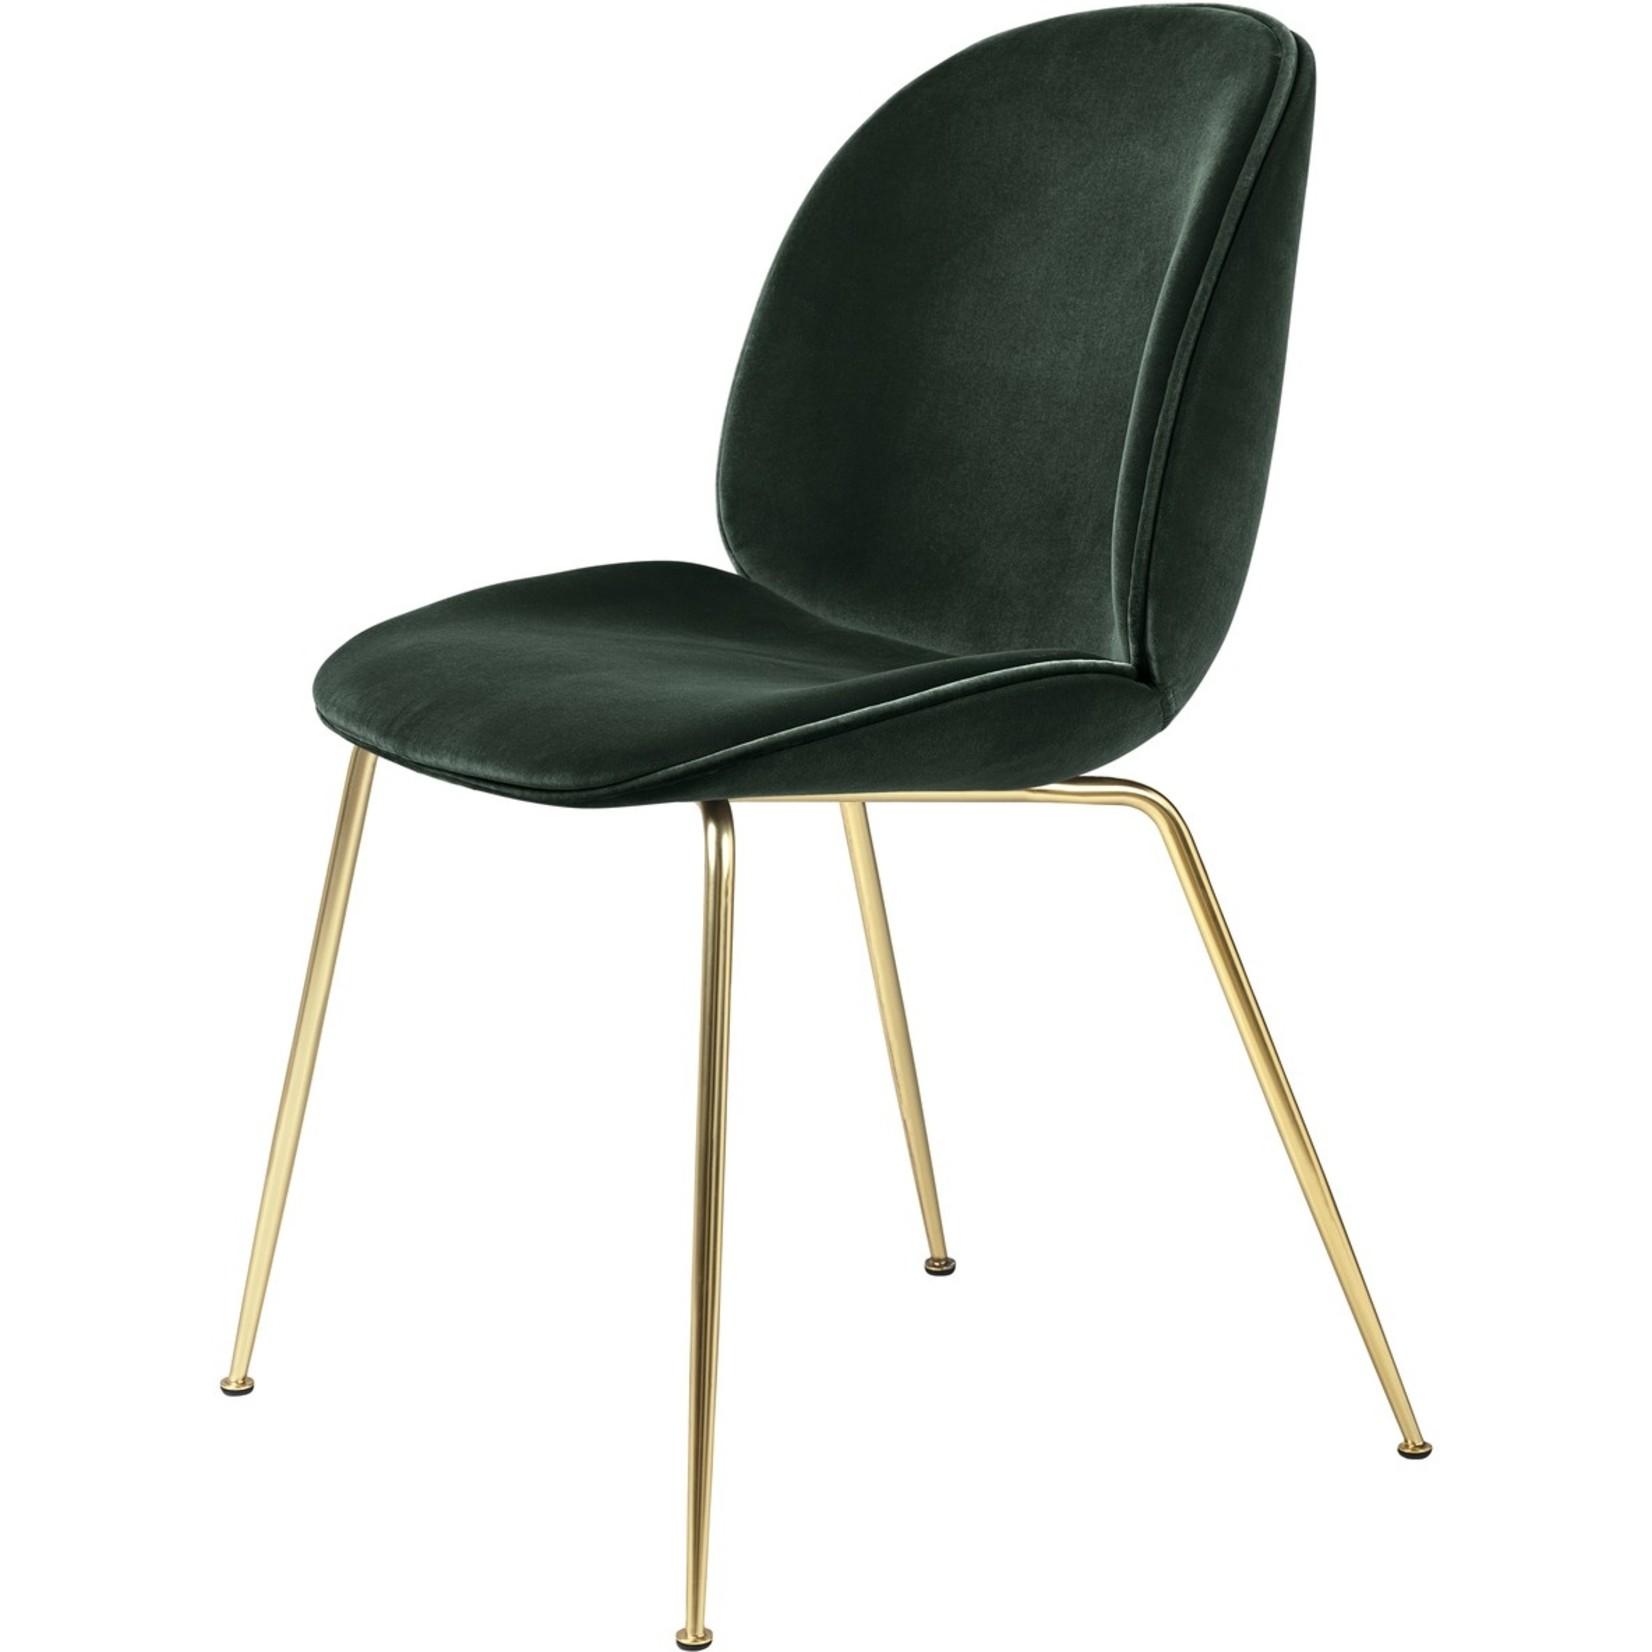 Gubi Beetle Dining Chair | Emerald Green & Brass Semi Matt Base